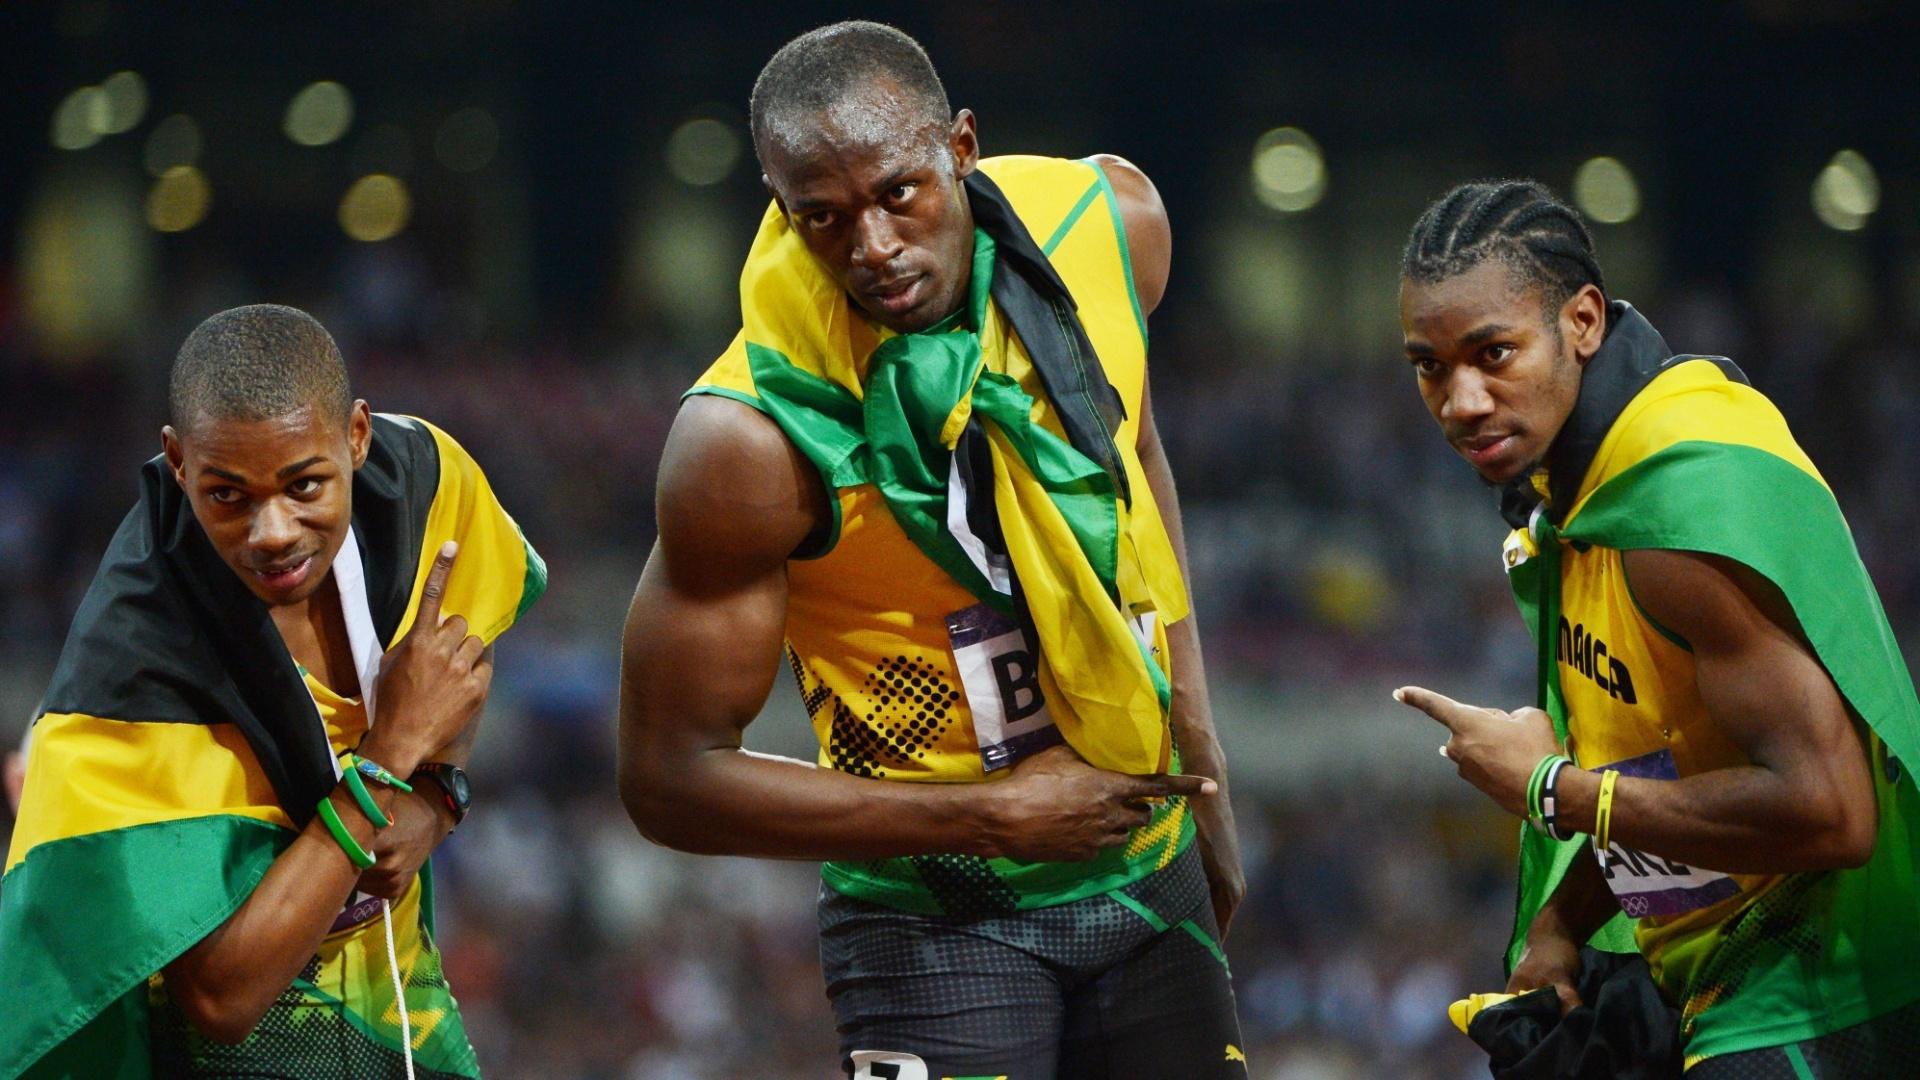 Warren Weir (e.), Usain Bolt (c.) e Yohan Blake (d.), pupilos de Mils, fecham o pódio dos 200 m rasos em Londres